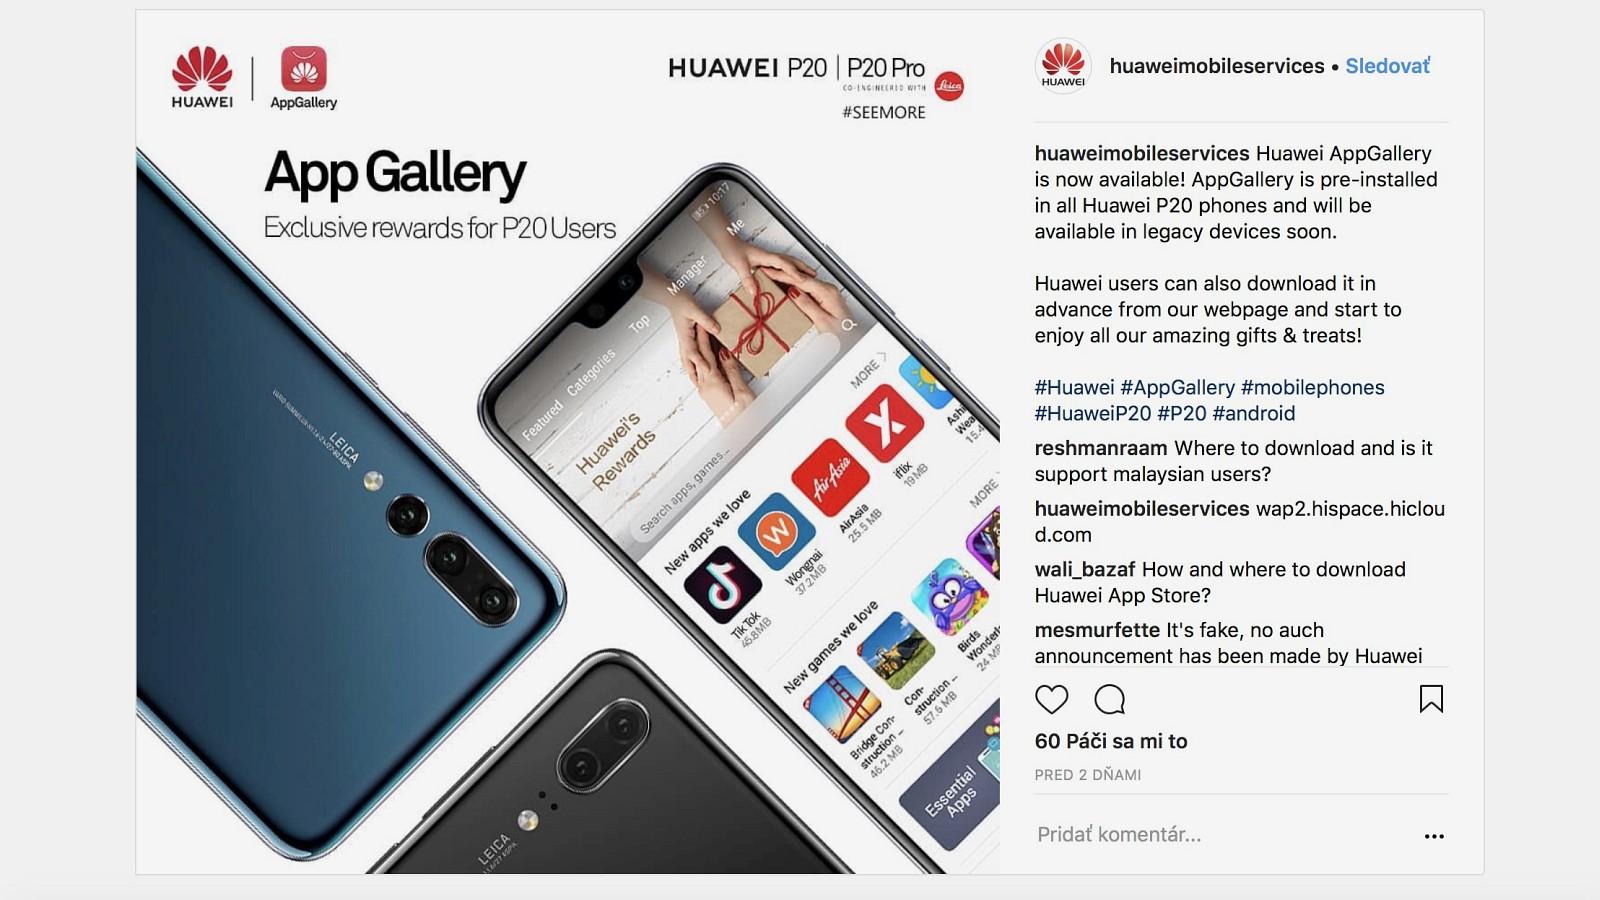 Huawei globálne sprístupnil svoj obchod s aplikáciami